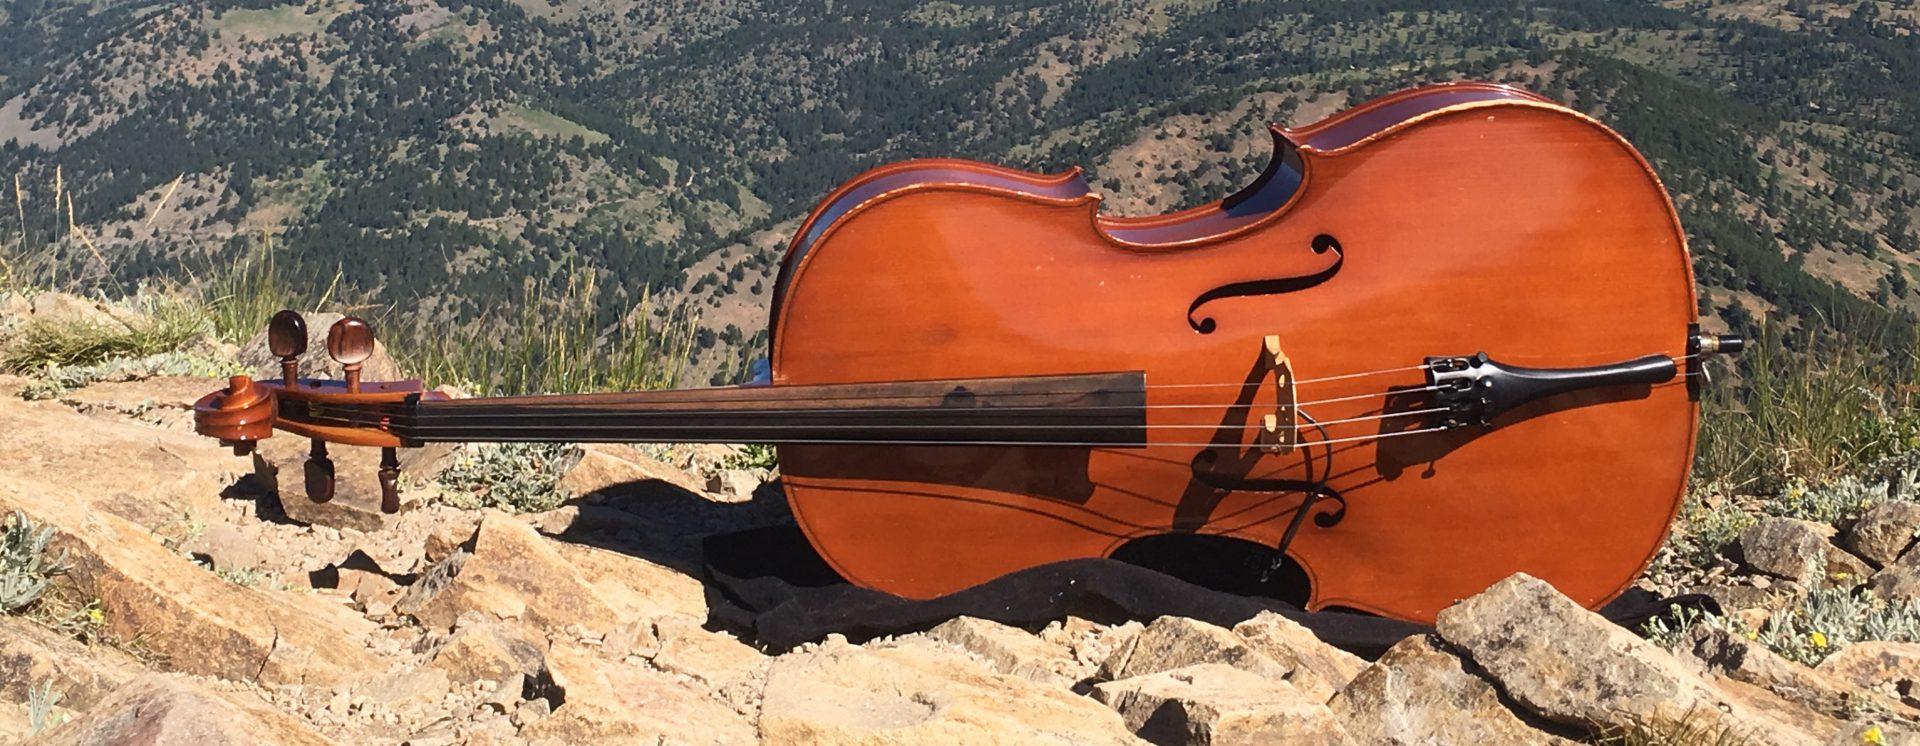 Colorado Cello